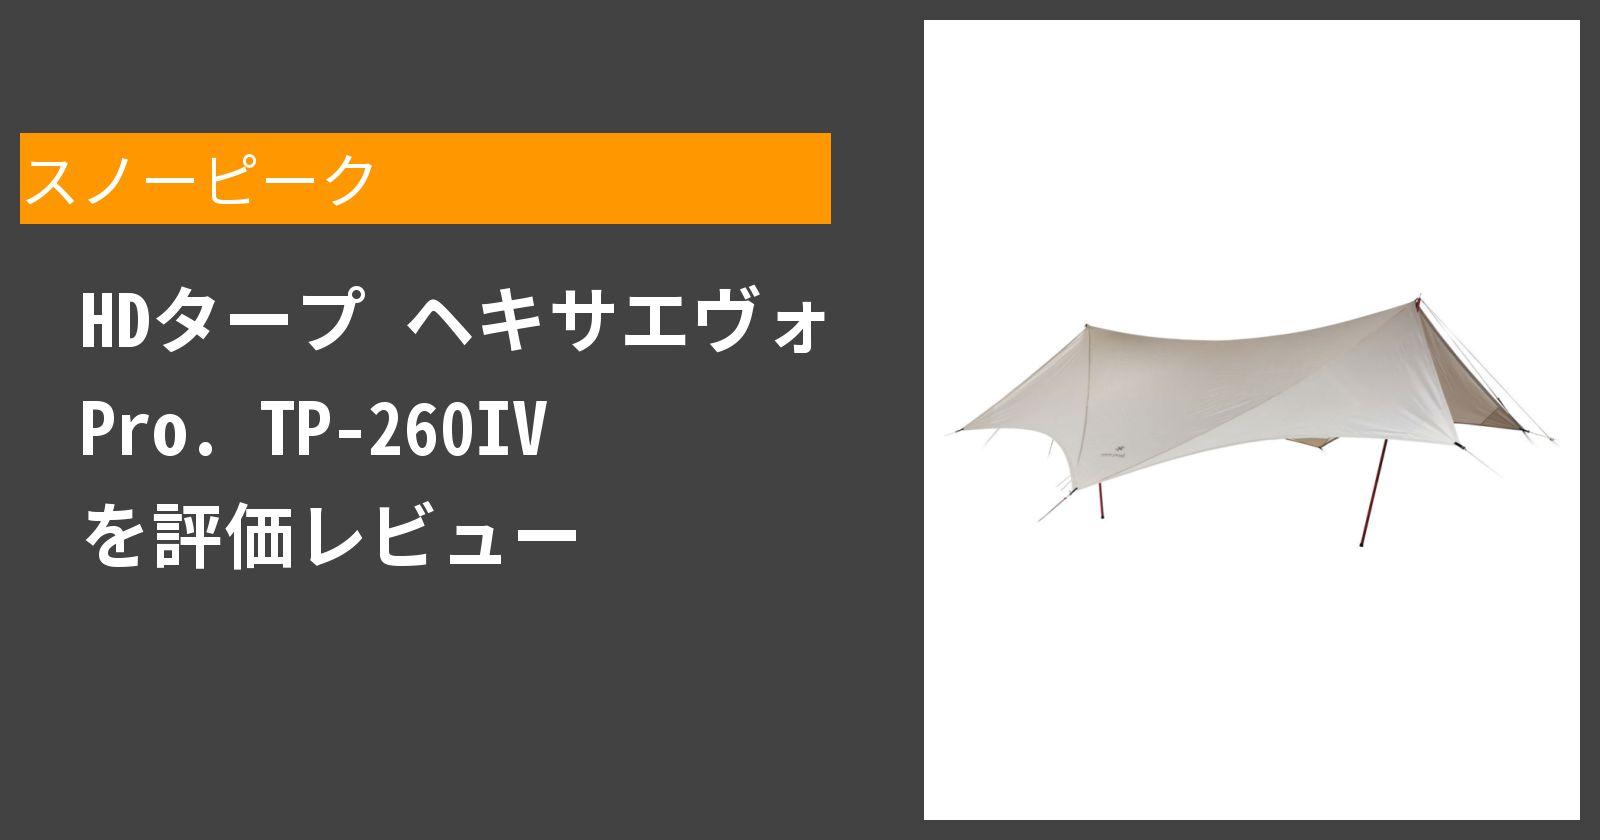 HDタープ ヘキサエヴォ Pro. TP-260IVを徹底評価